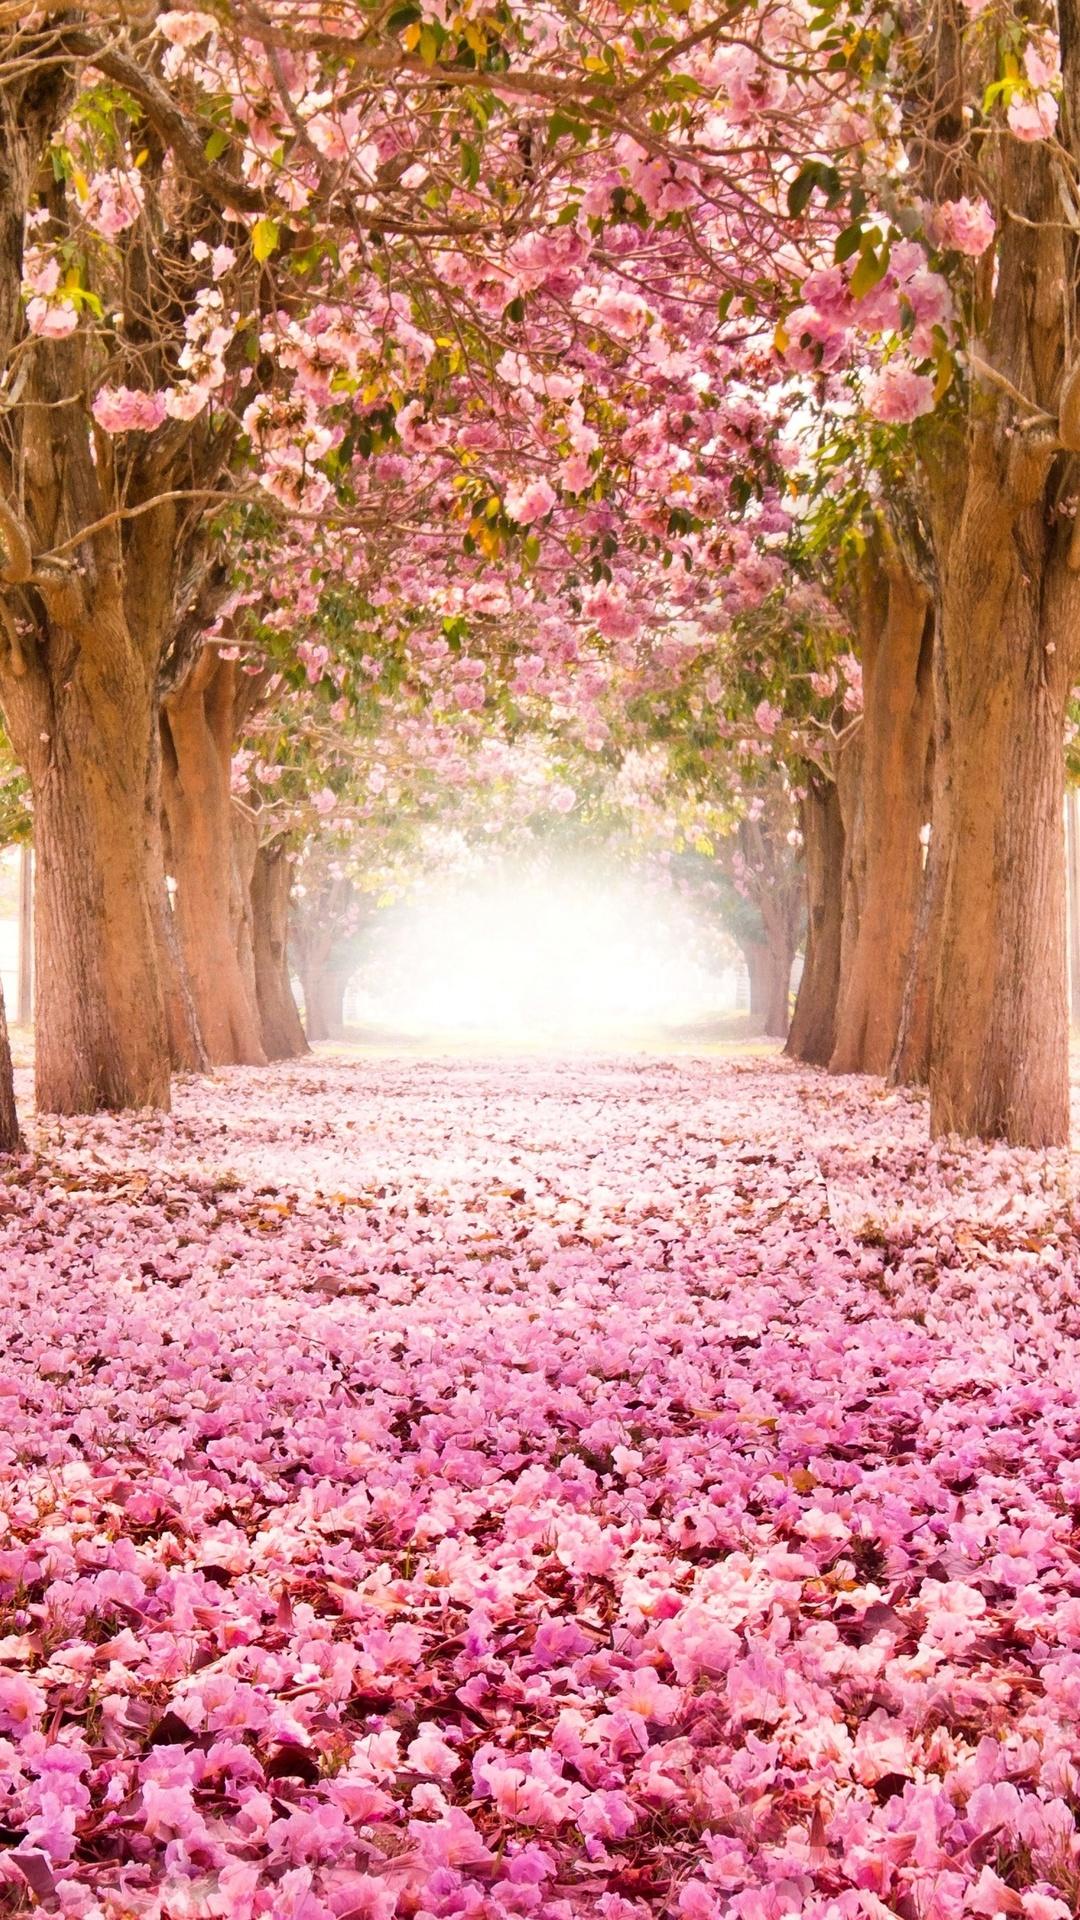 Free Cherry Blossom Iphone Photo Cherry Blossom Sakura Wallpaper Iphone 1080x1920 Wallpaper Teahub Io